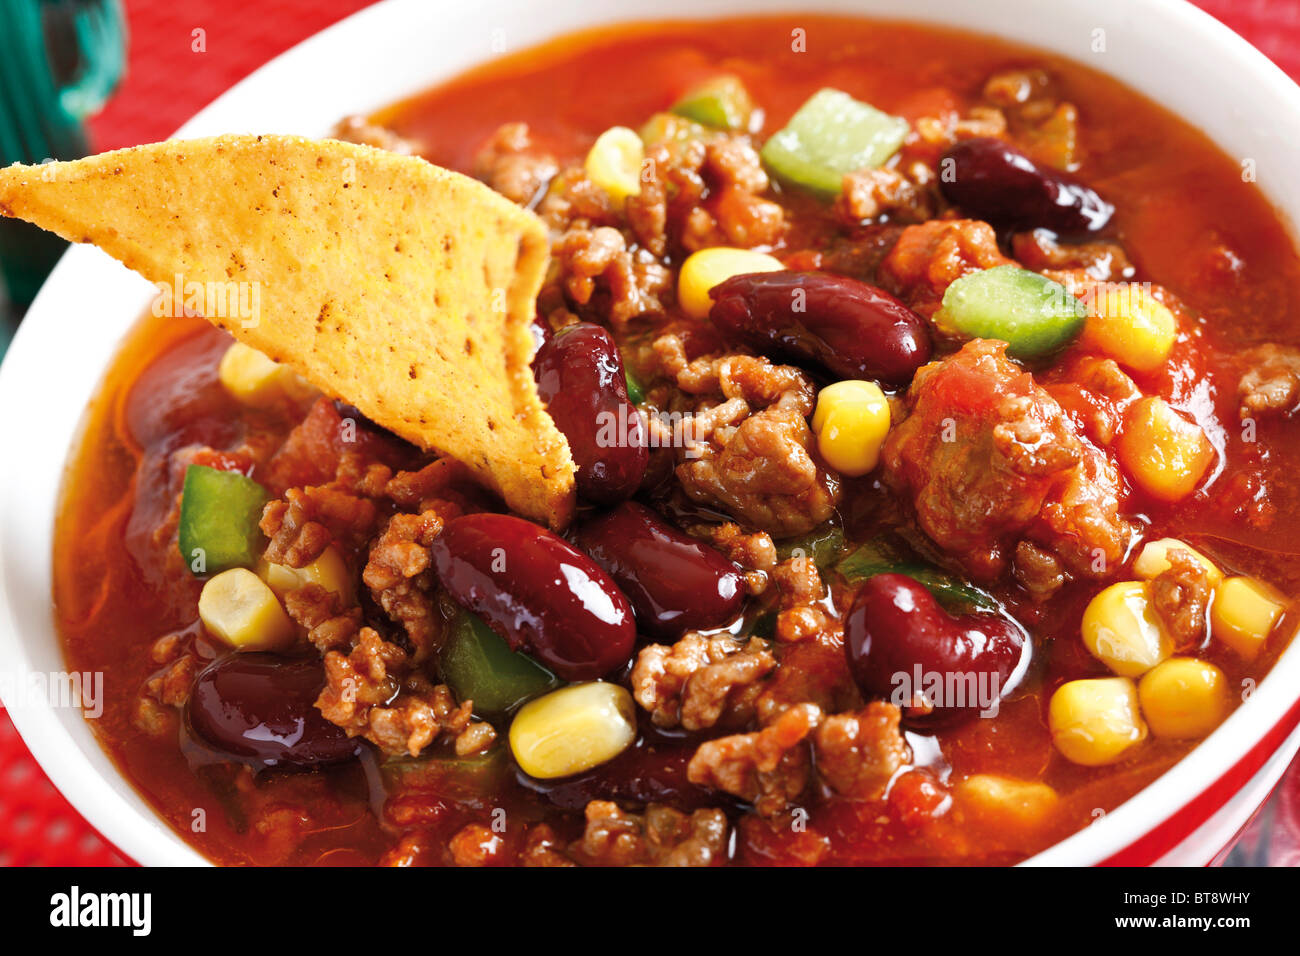 Chili Con Carne Hackfleisch Kidney Bohnen Mais Paprika Chili